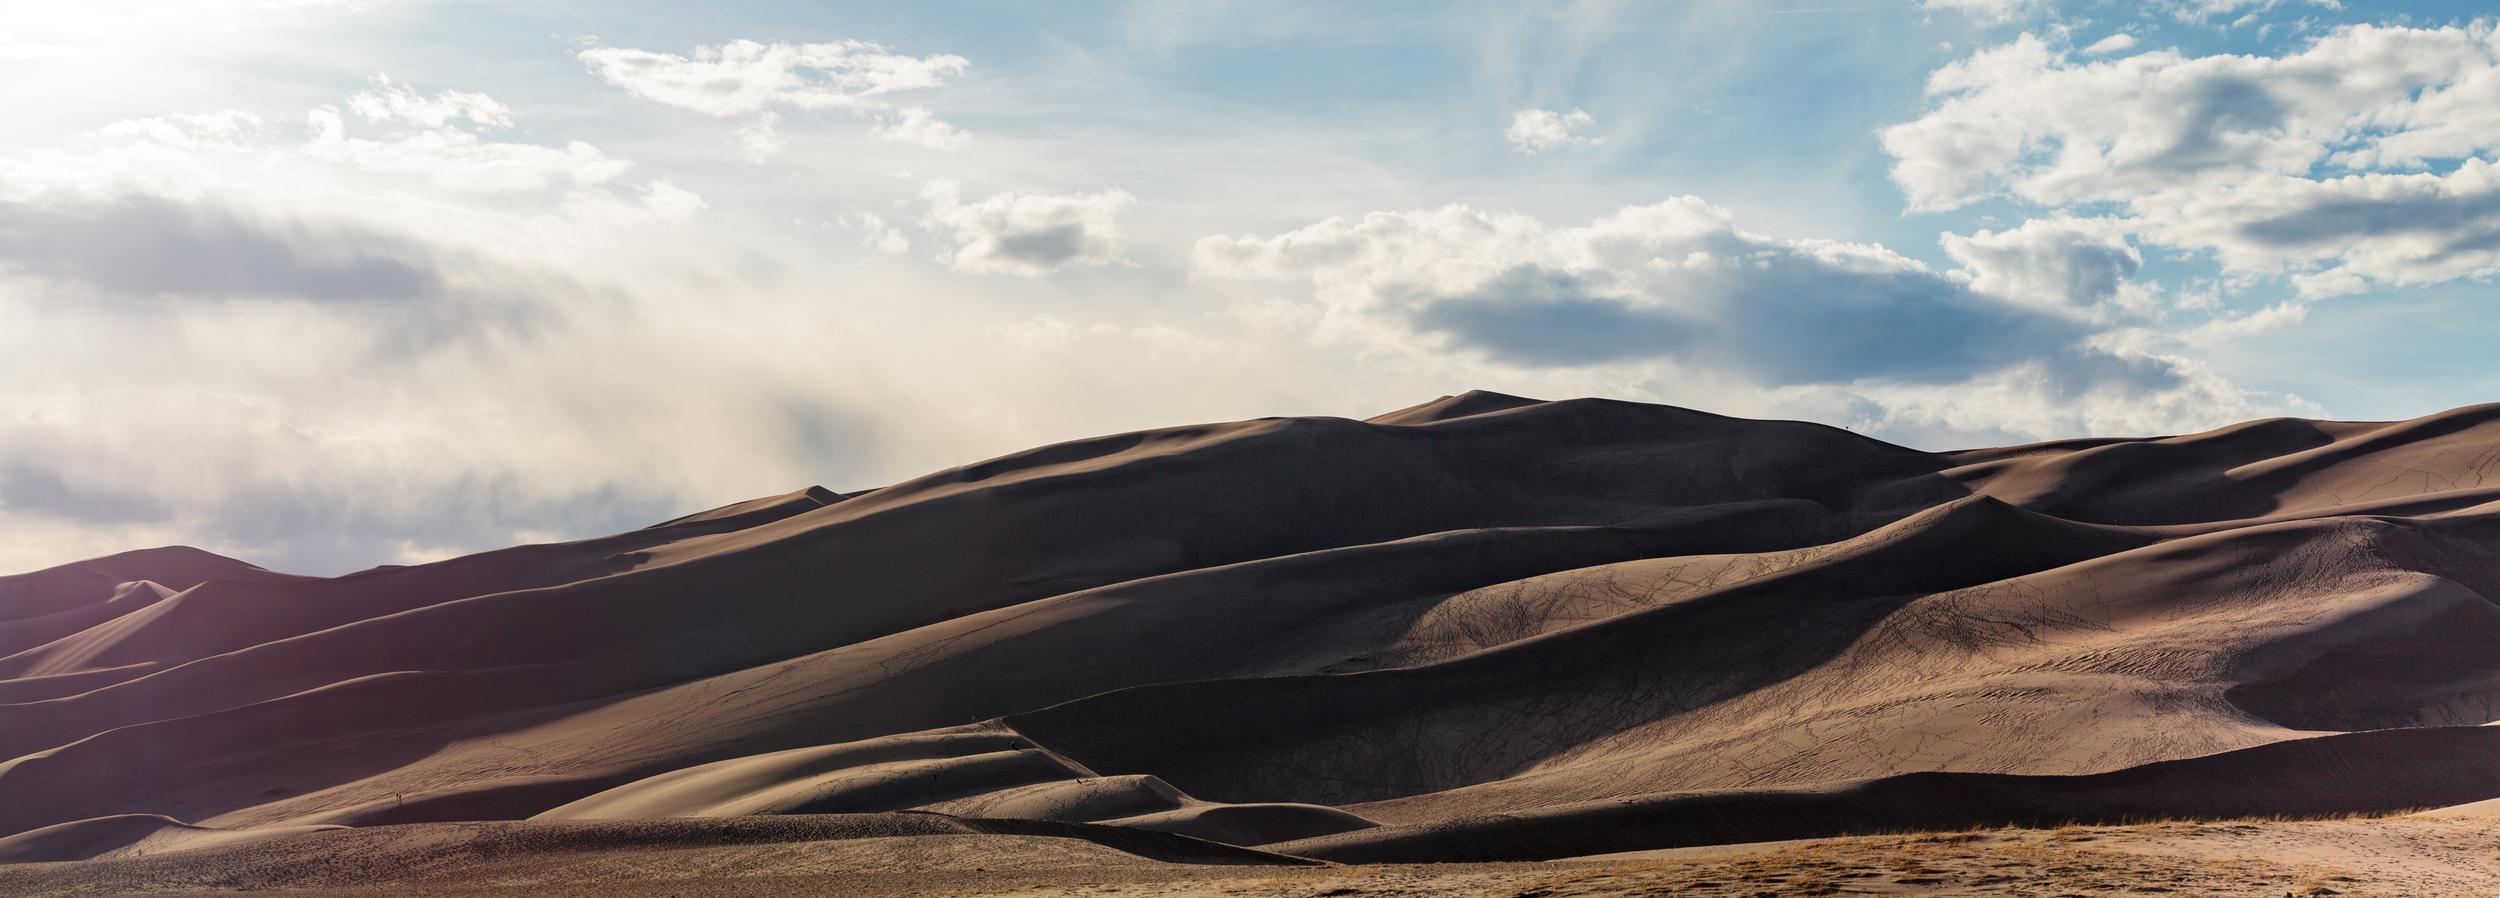 Colorado_day2-1815-Pano.jpg